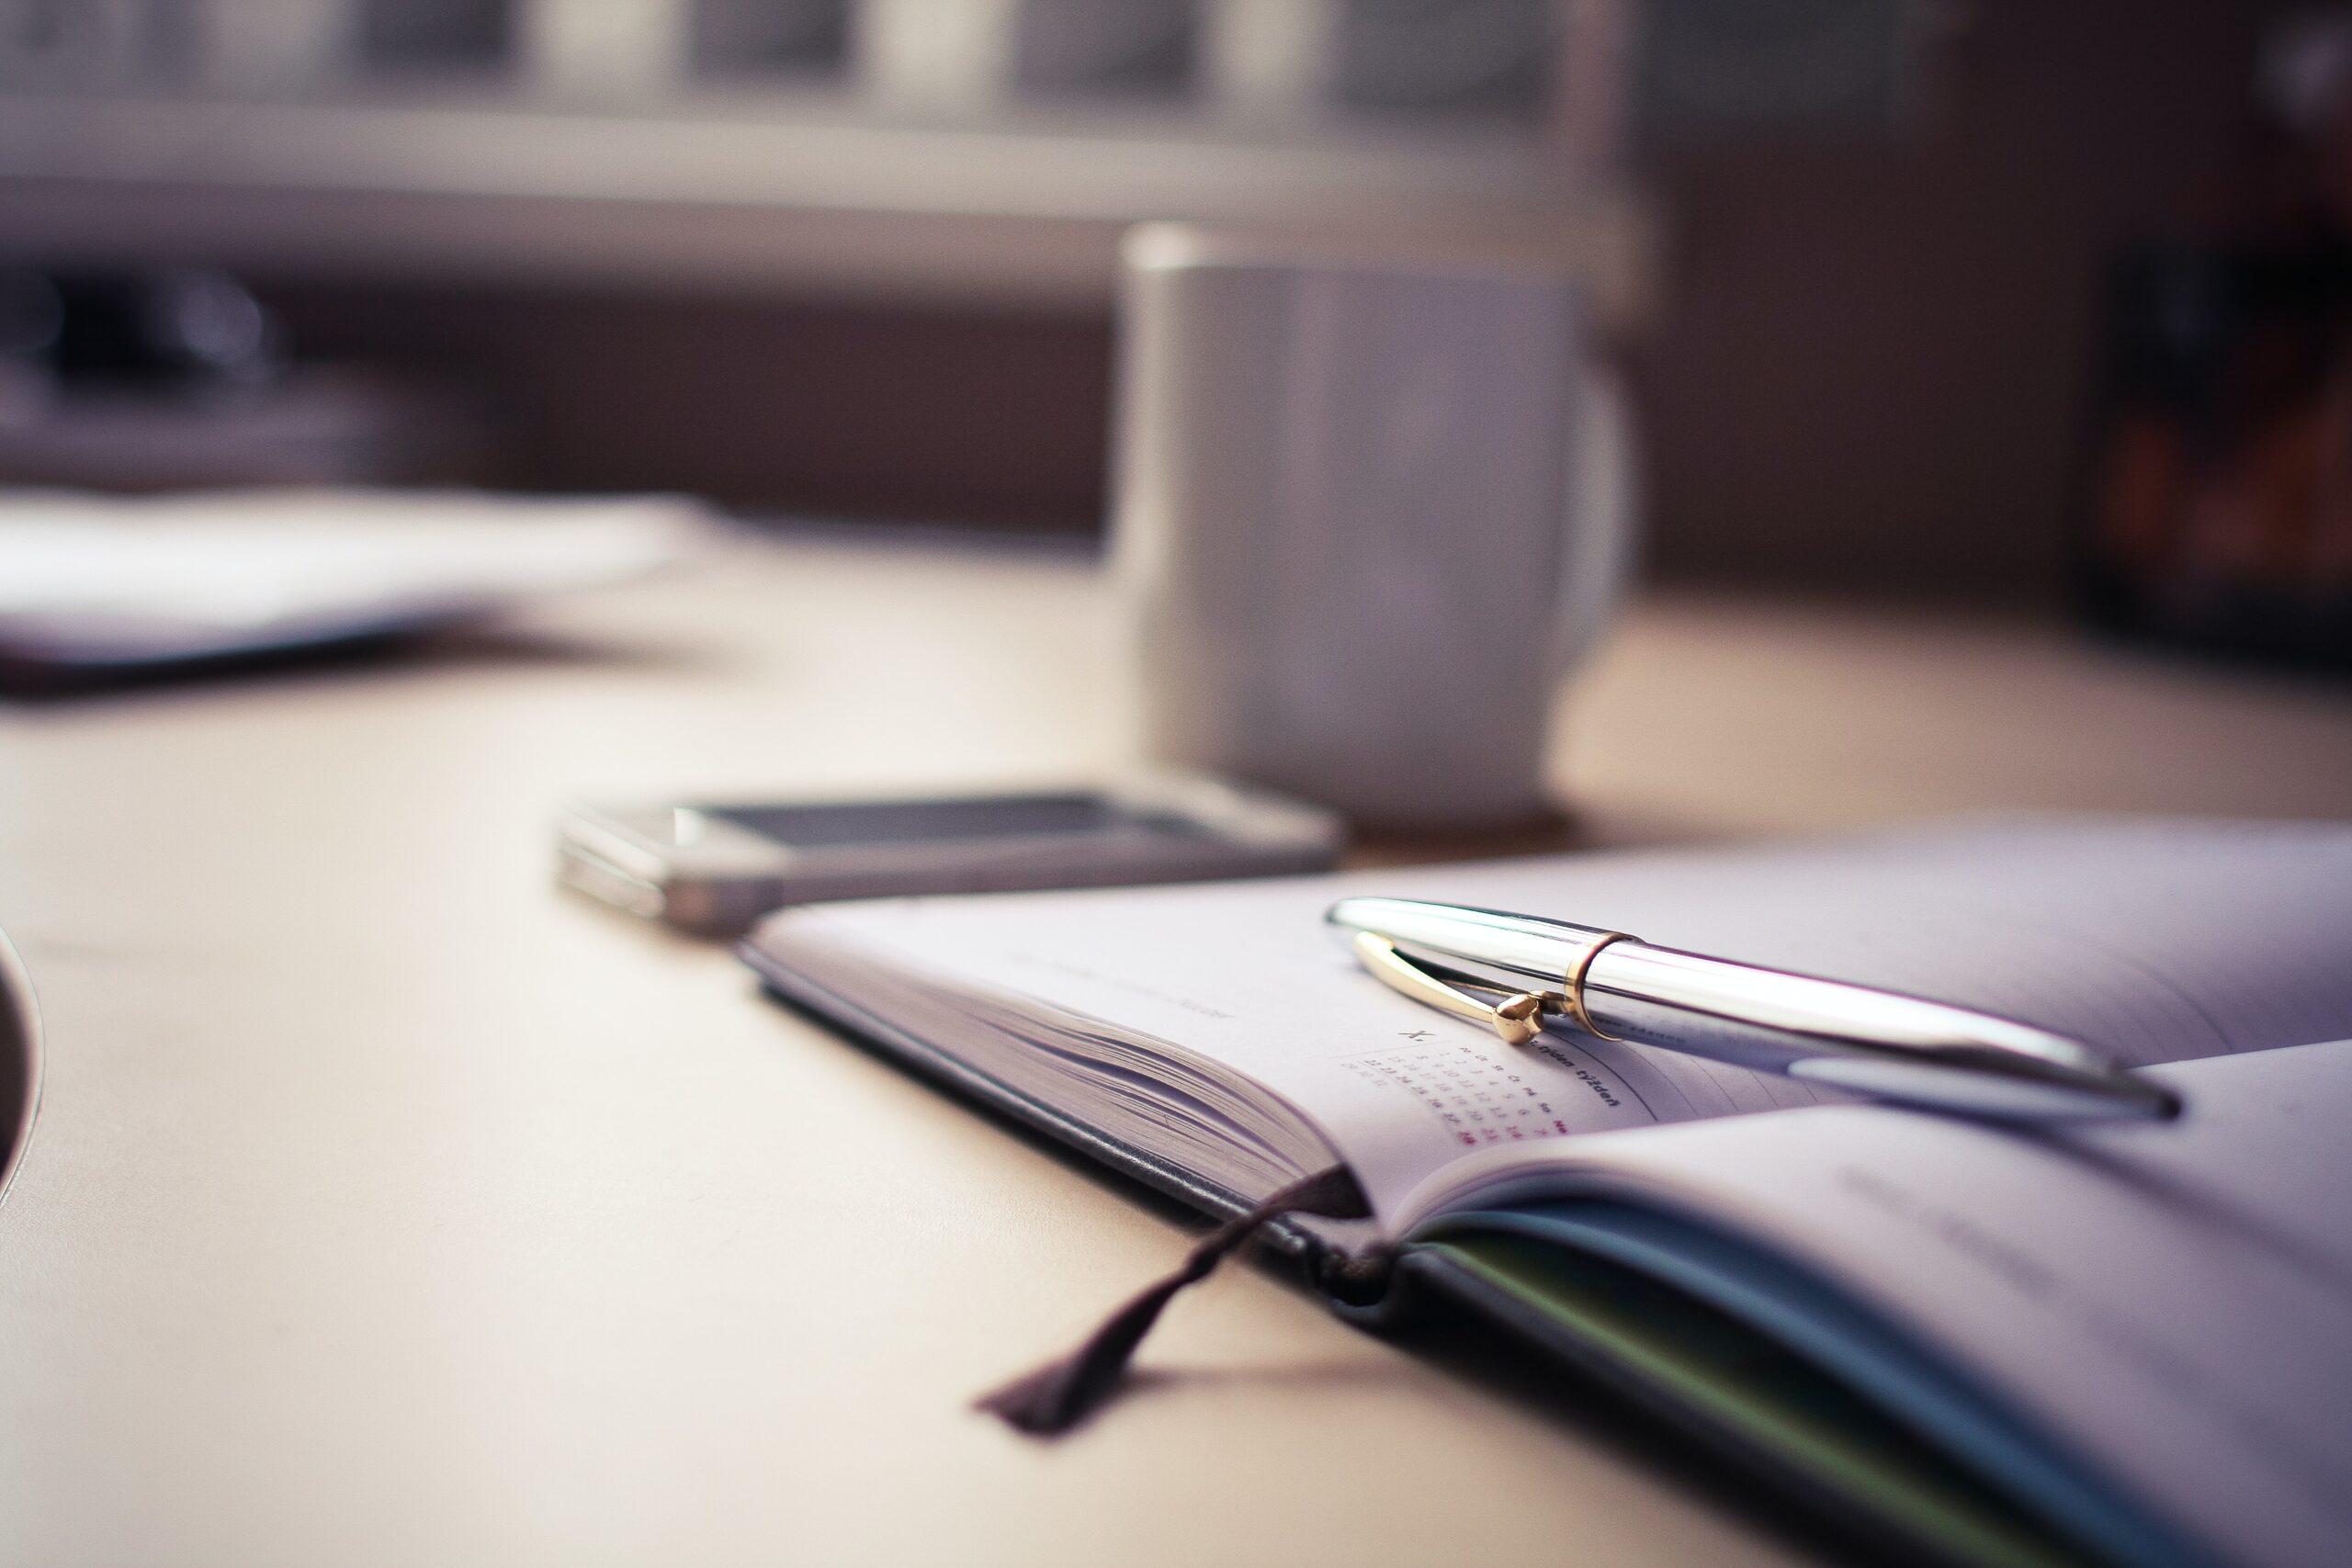 Bild einer Agenda mit Stift auf Tisch